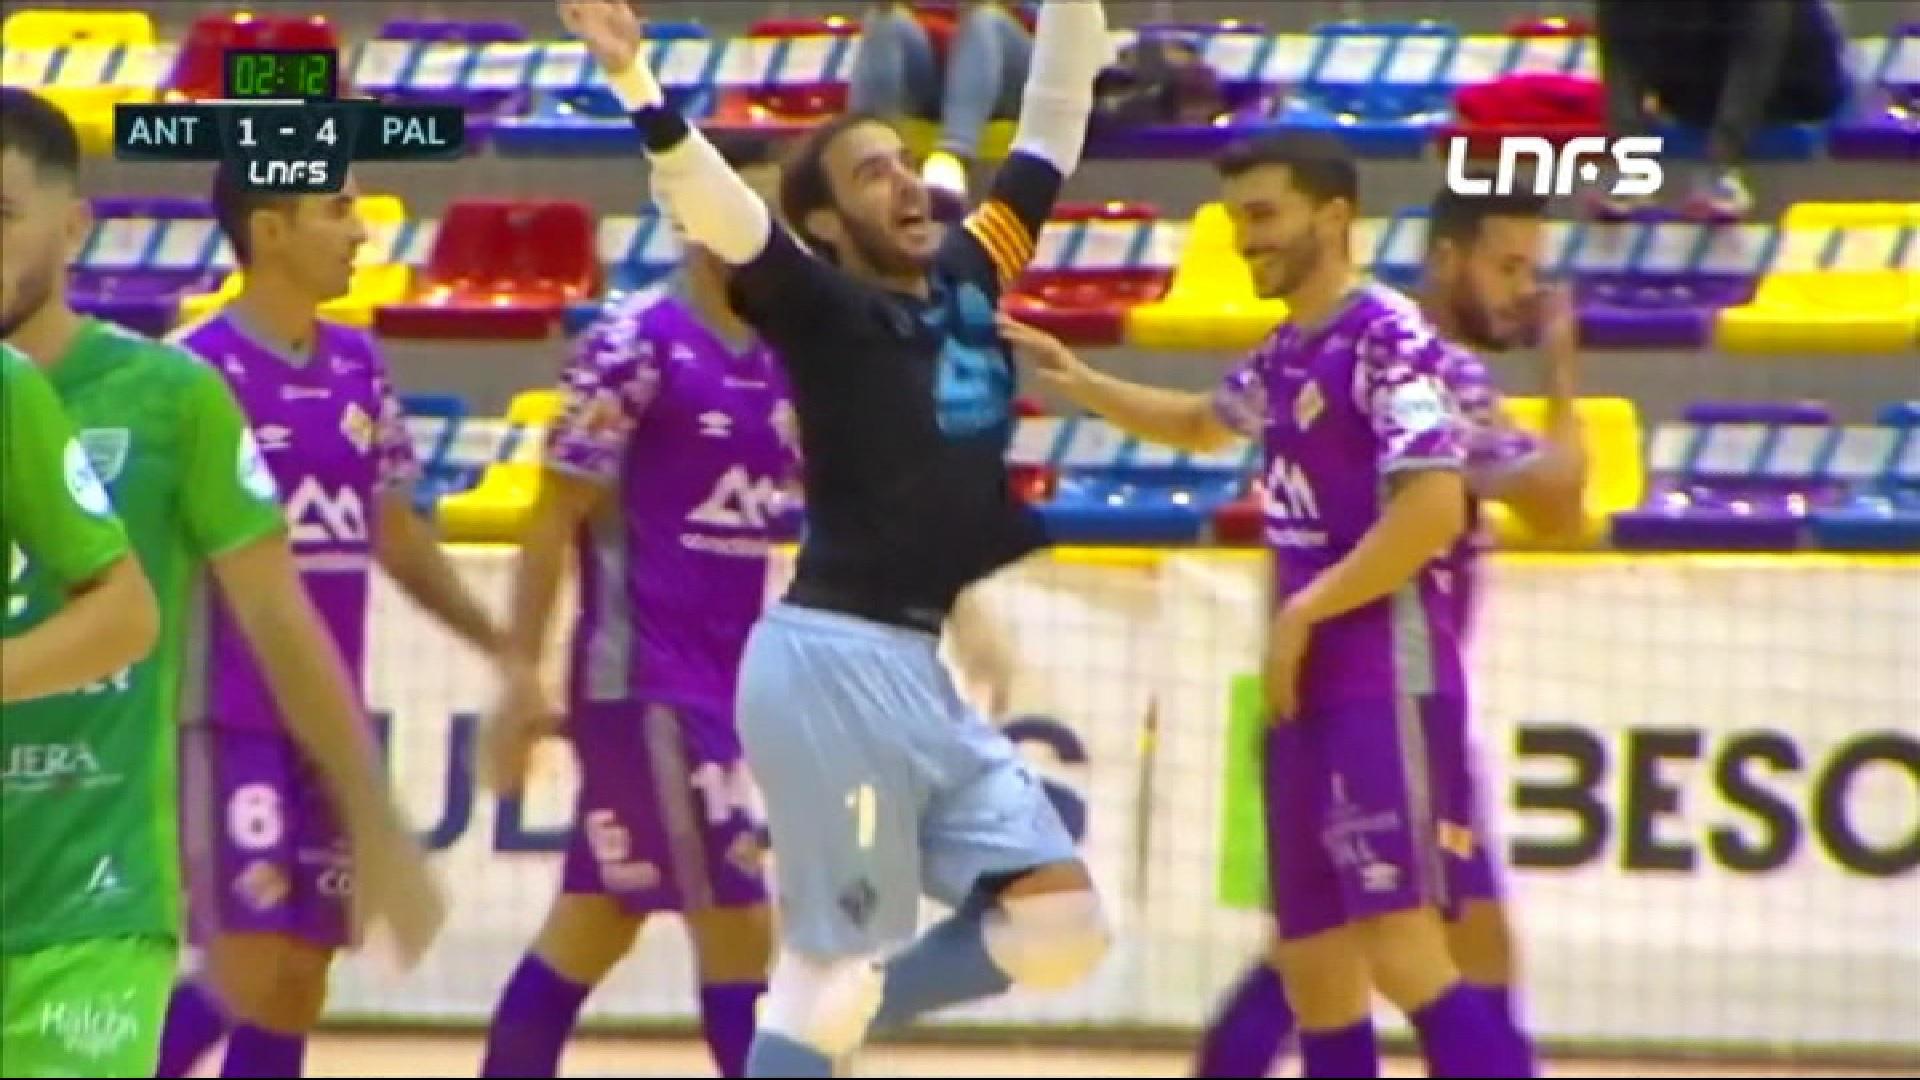 Golejada+i+lideratge+del+Palma+Futsal+per+comen%C3%A7ar+la+lliga